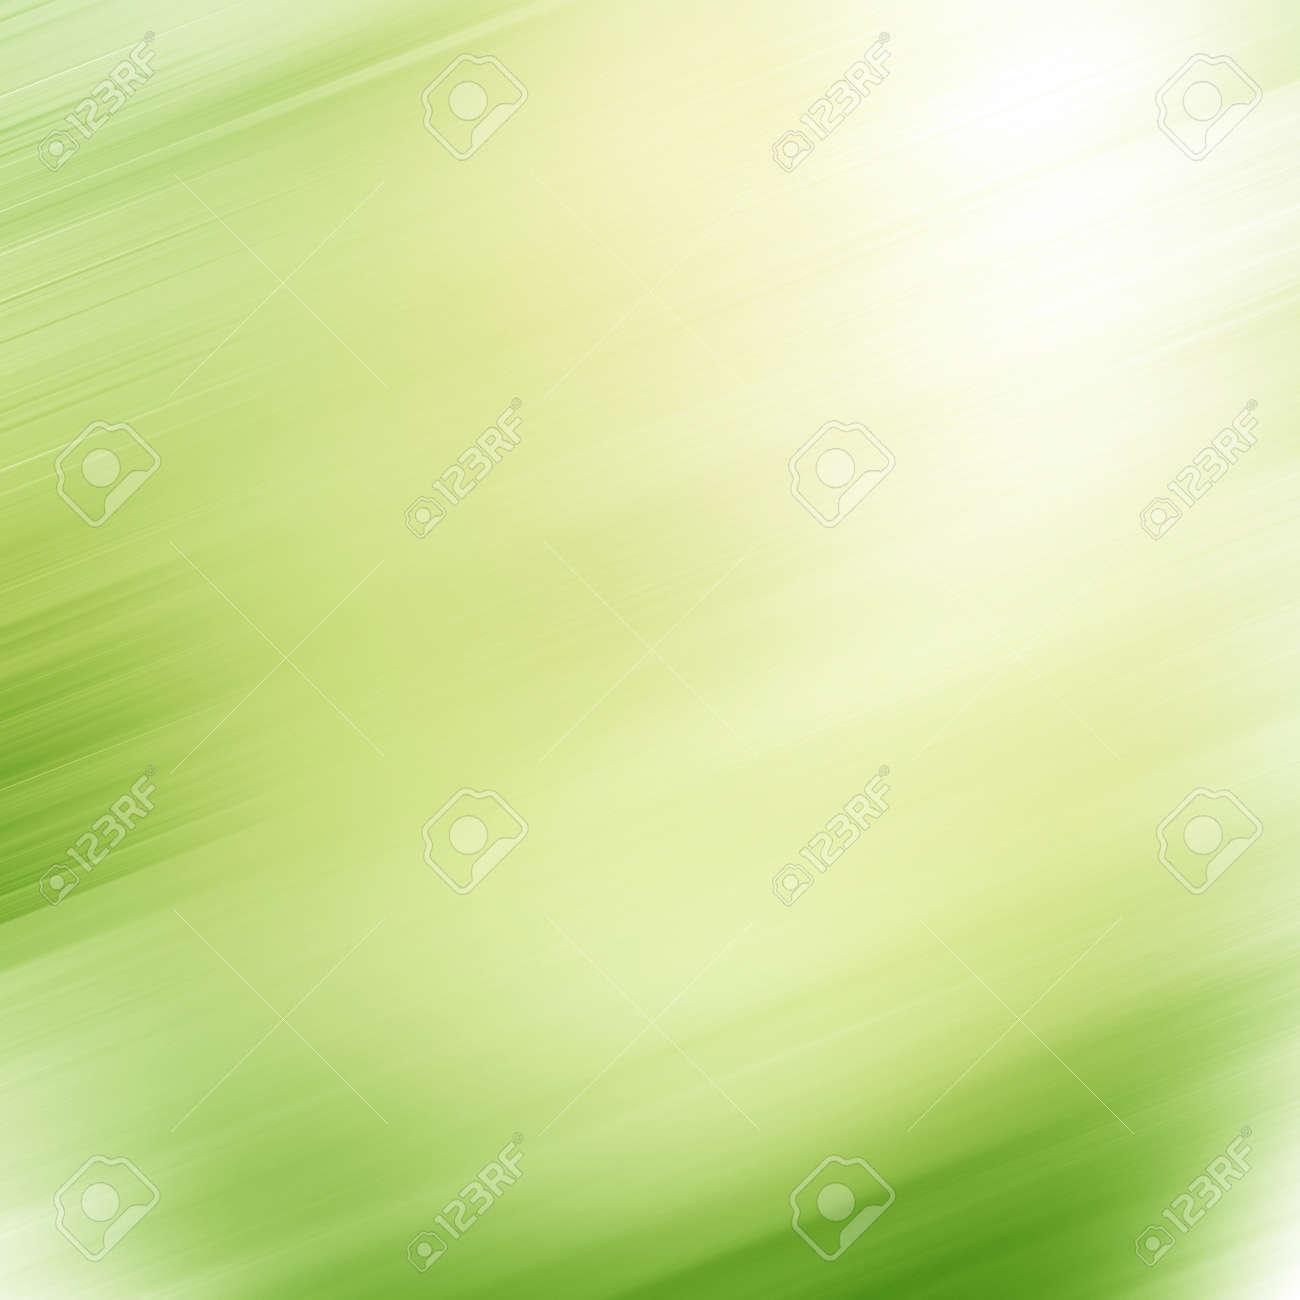 Fond Vert Clair fond vert clair